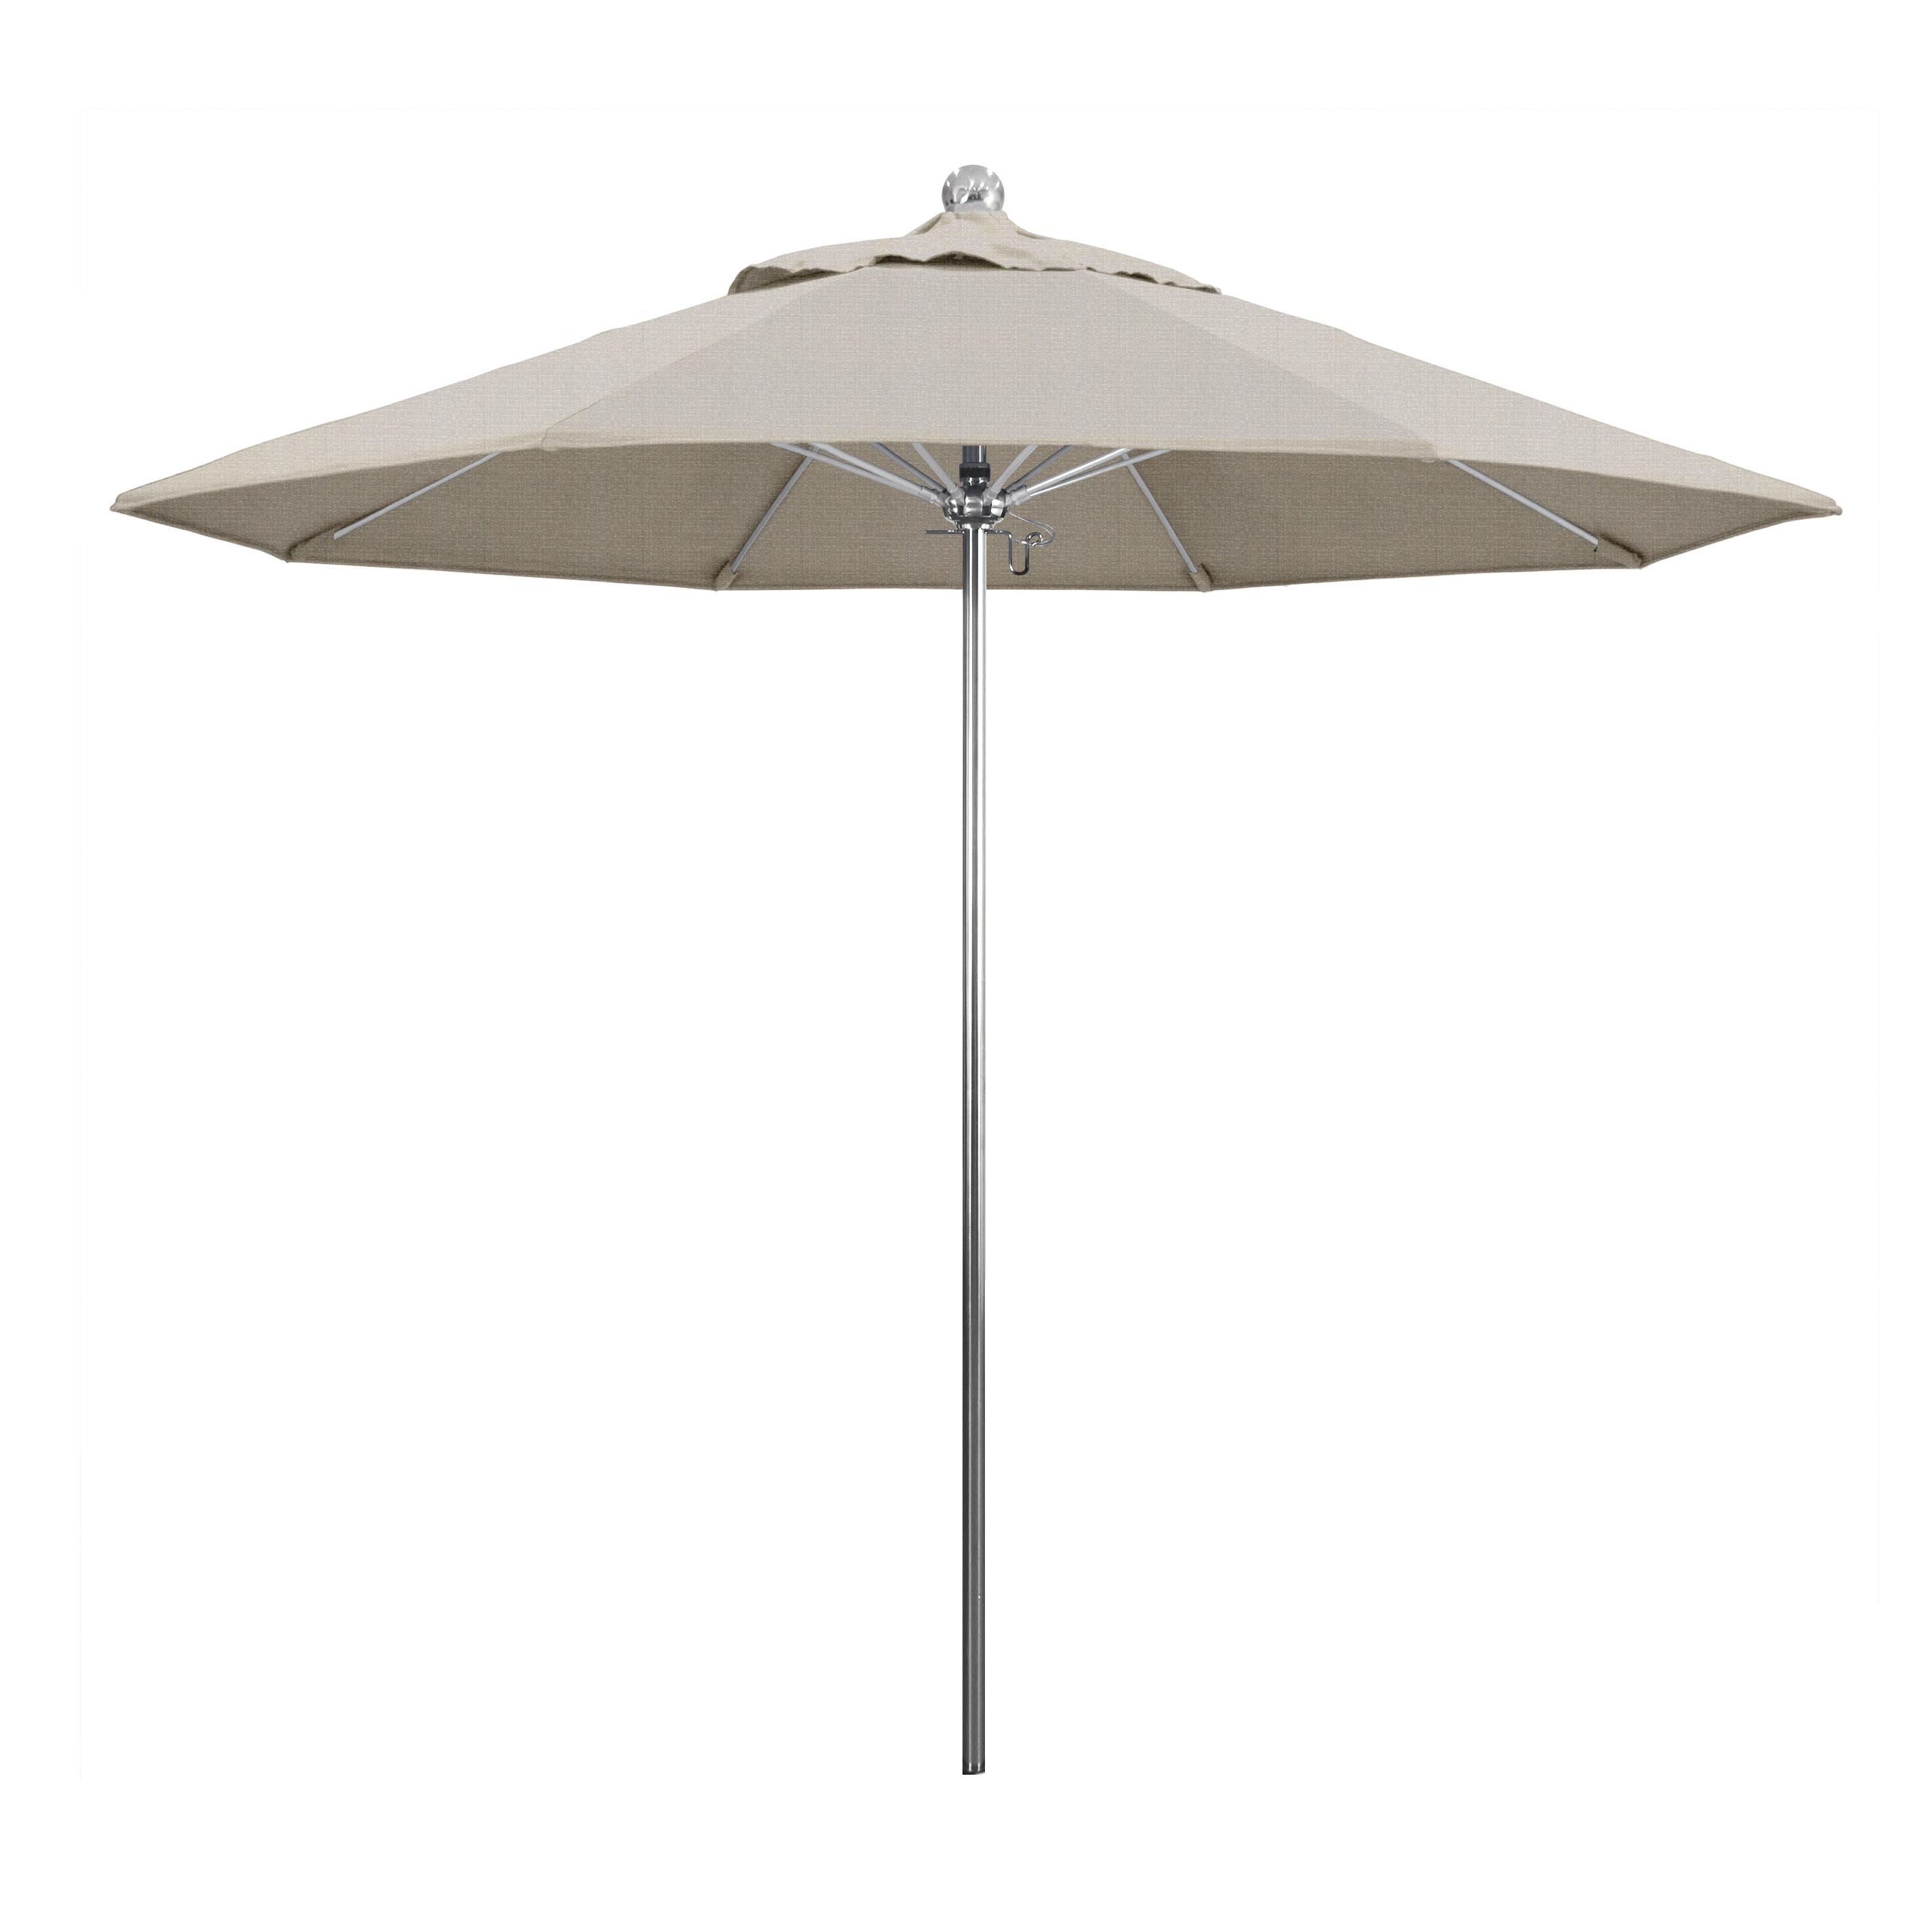 Priscilla Market Umbrellas For Fashionable Allure Series 9' Market Umbrella (View 14 of 20)